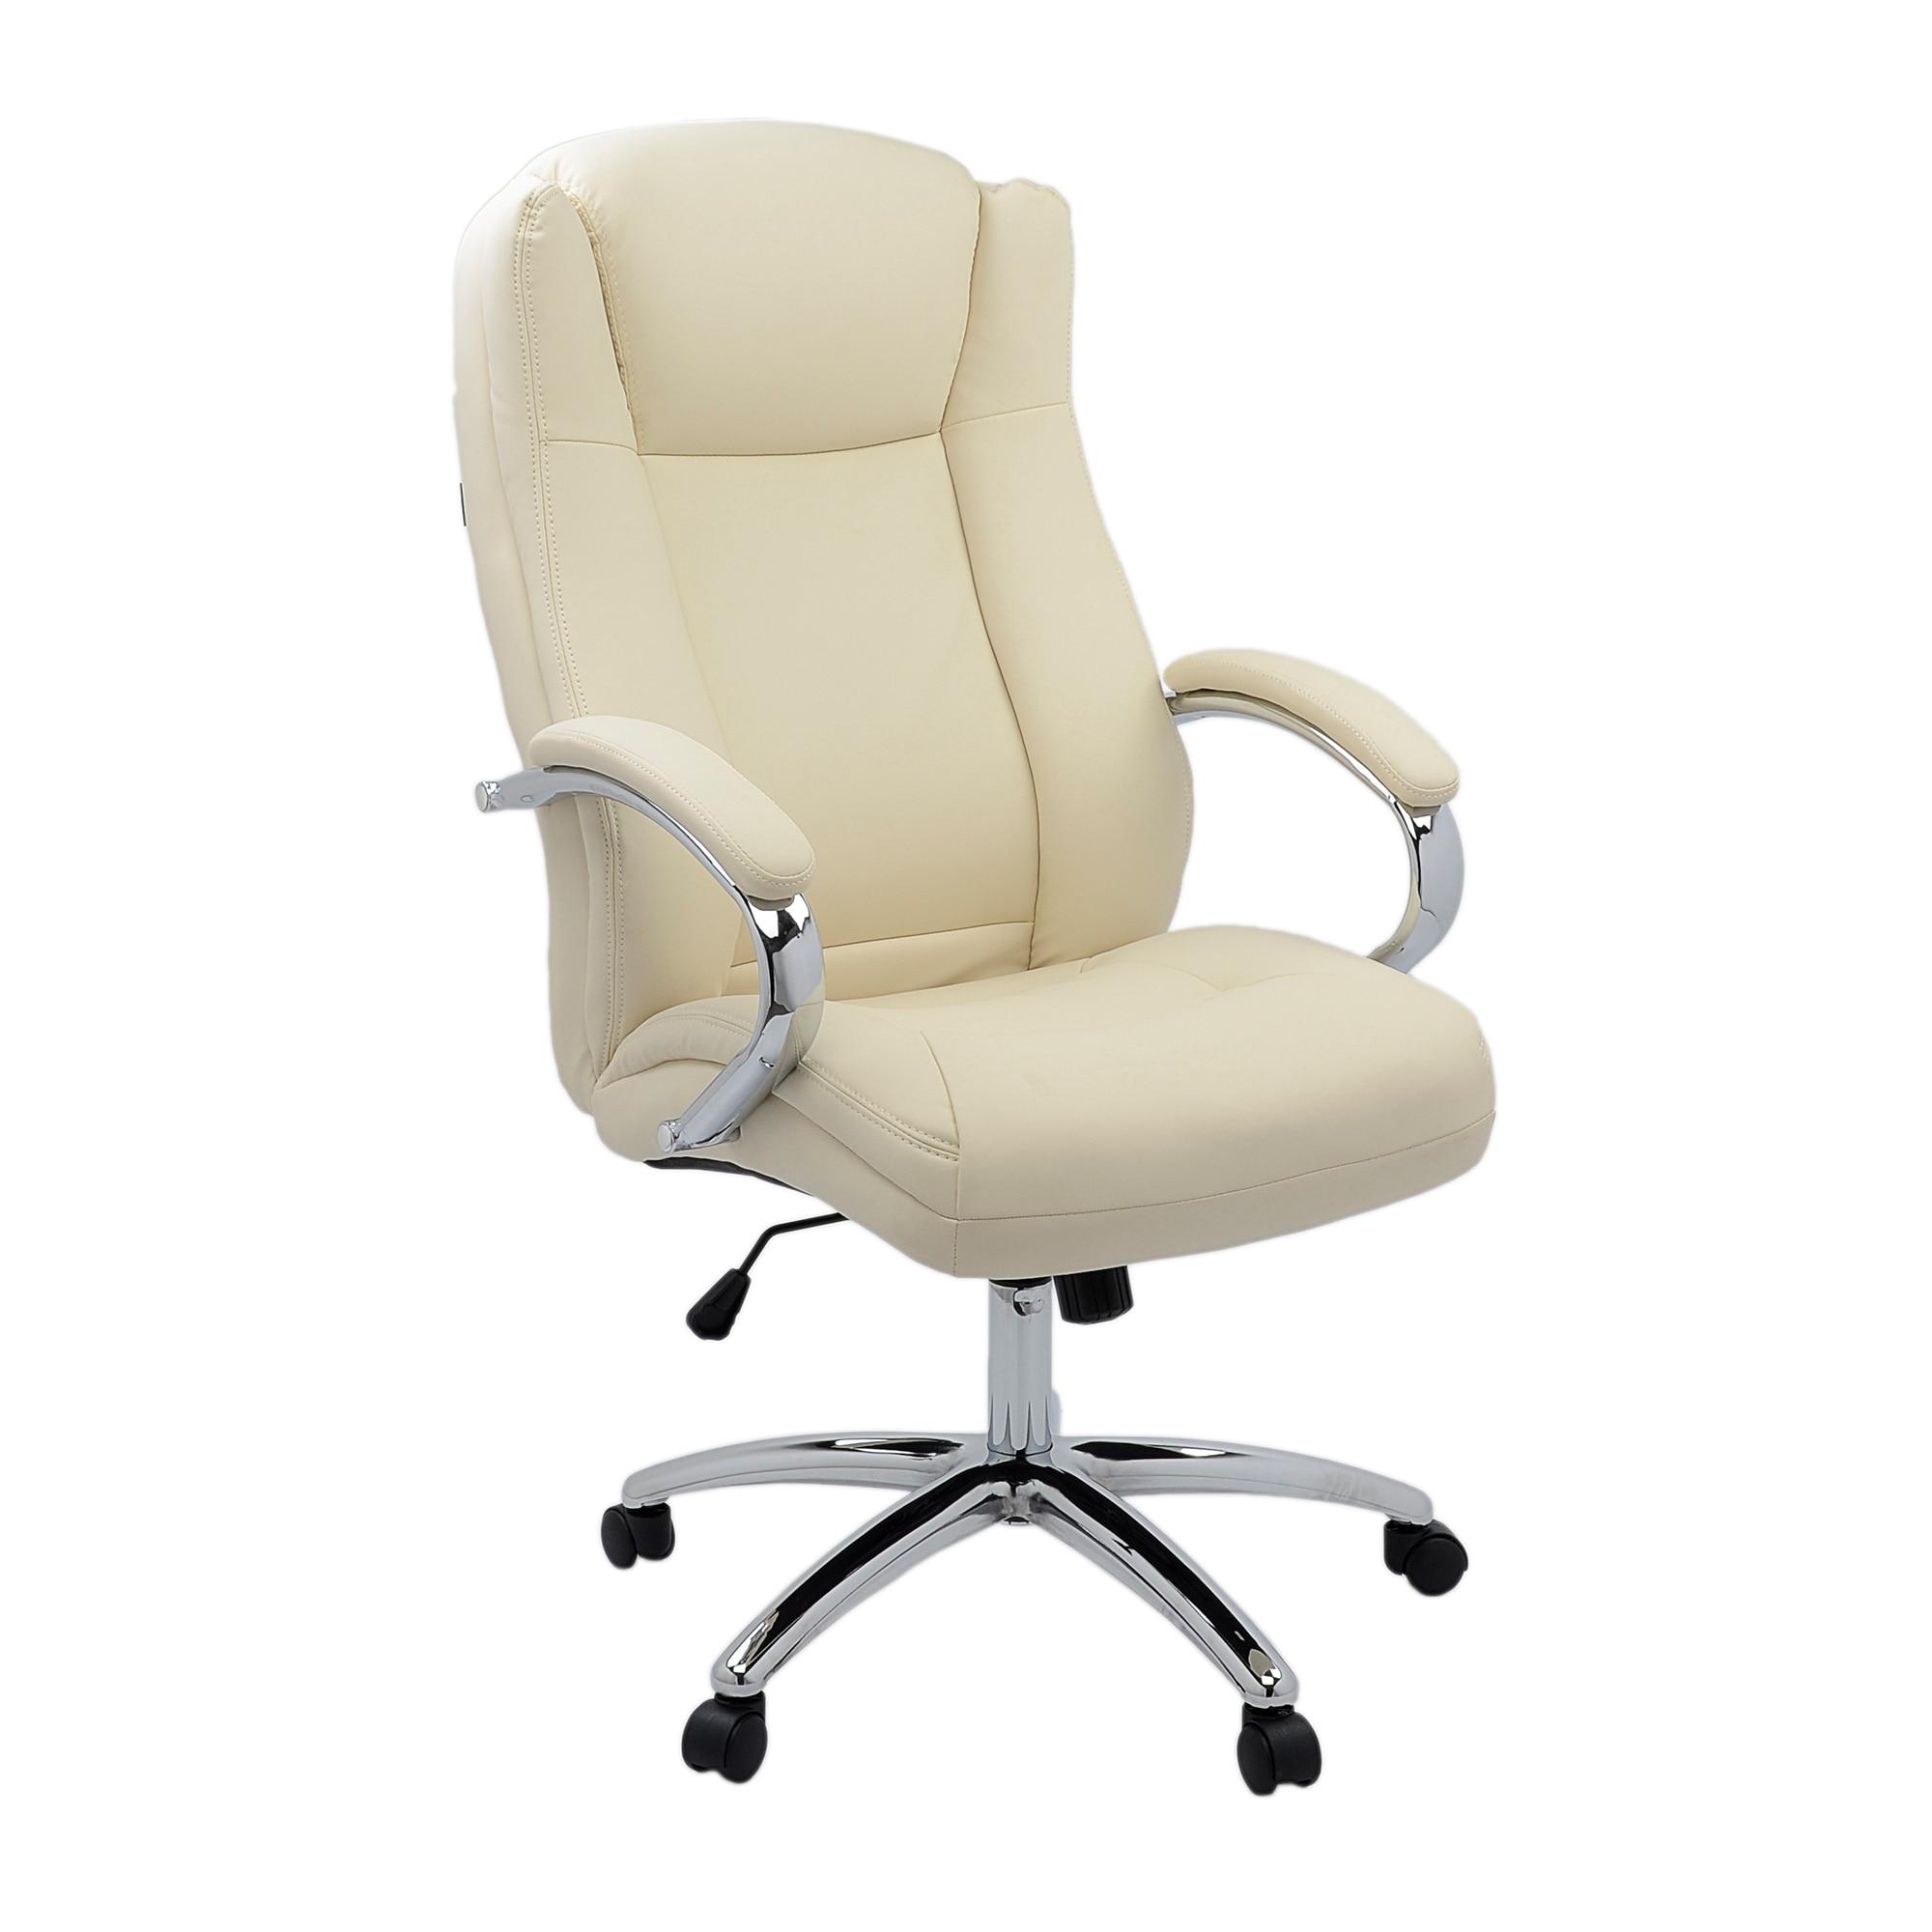 Kring Franklin Ergonomikus irodai szék, Bézs